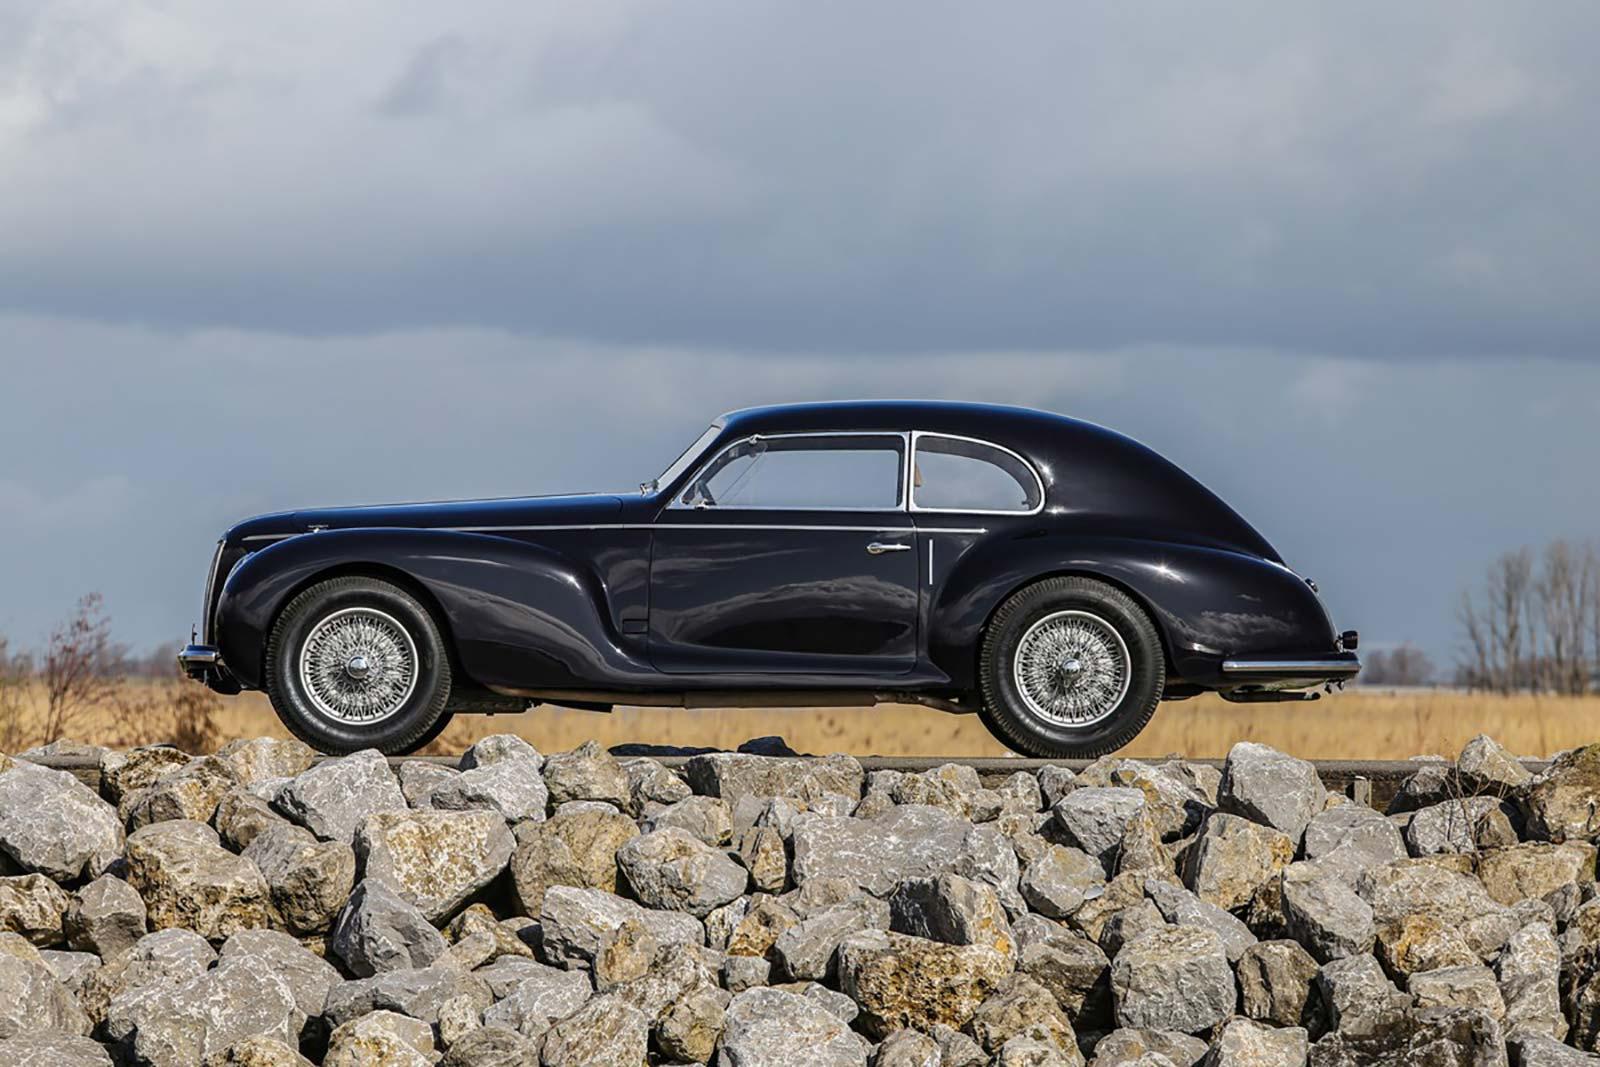 """Il profilo della carrozzeria Berlinetta (4 posti), dalla cosiddetta Carrozzeria """"Turinga"""", con il famoso e innovativo sistema Superleggera"""